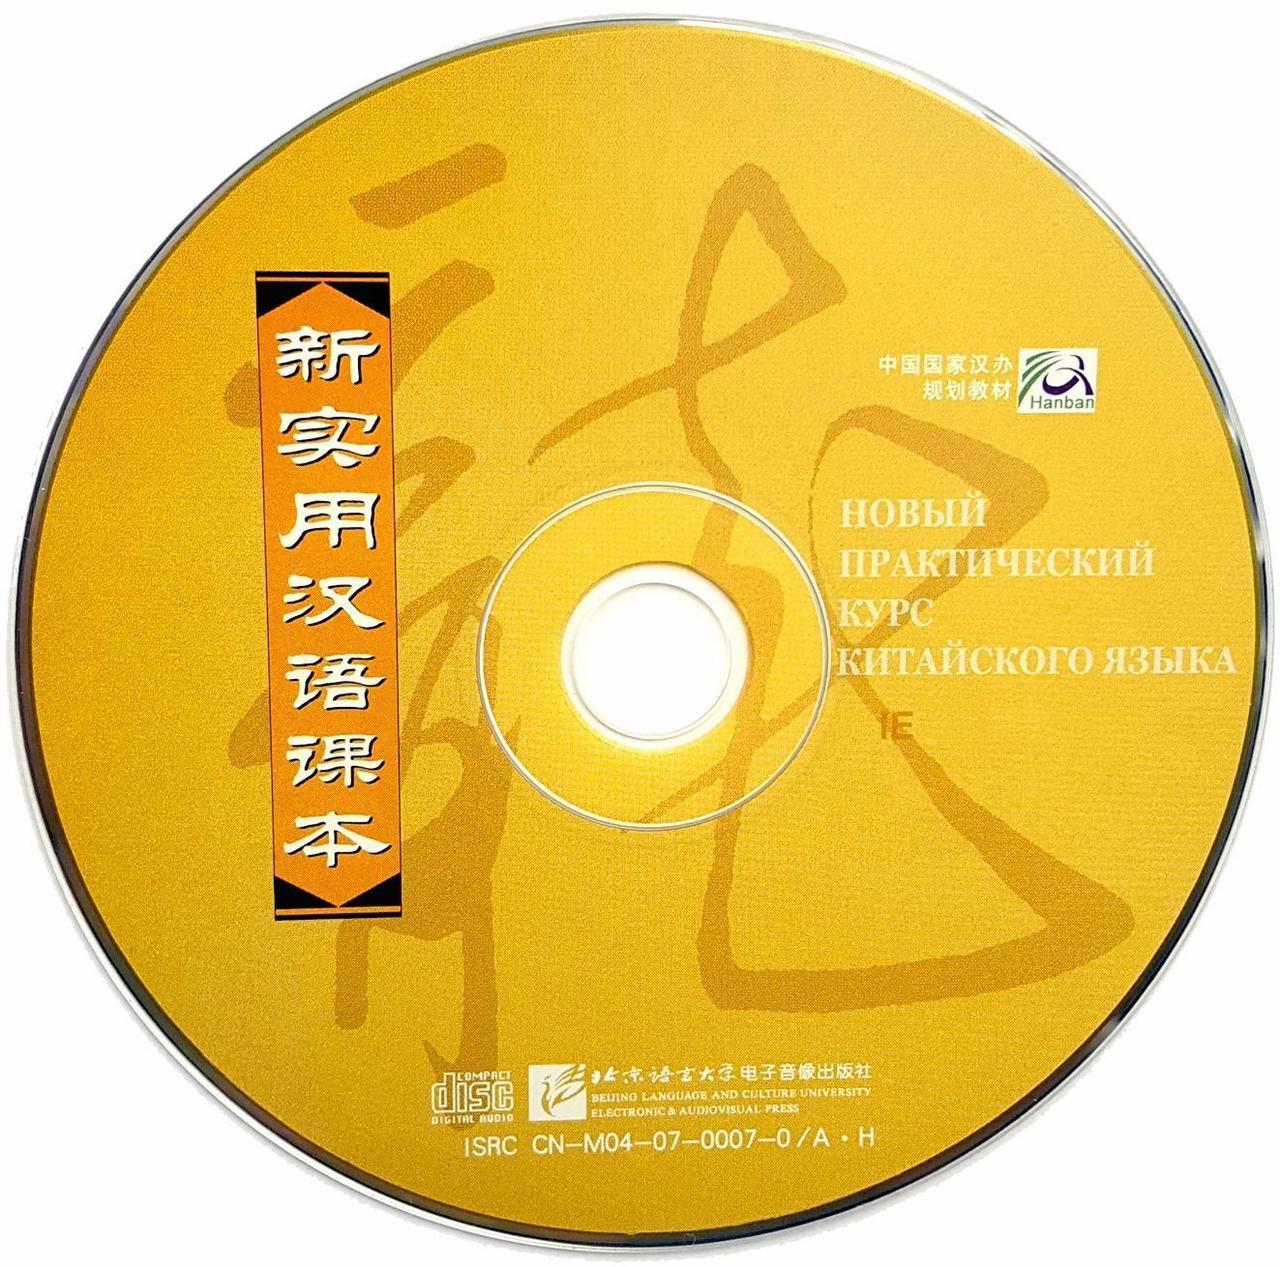 Новый практический курс китайского языка. Аудиоматериалы для учебника. Том 2